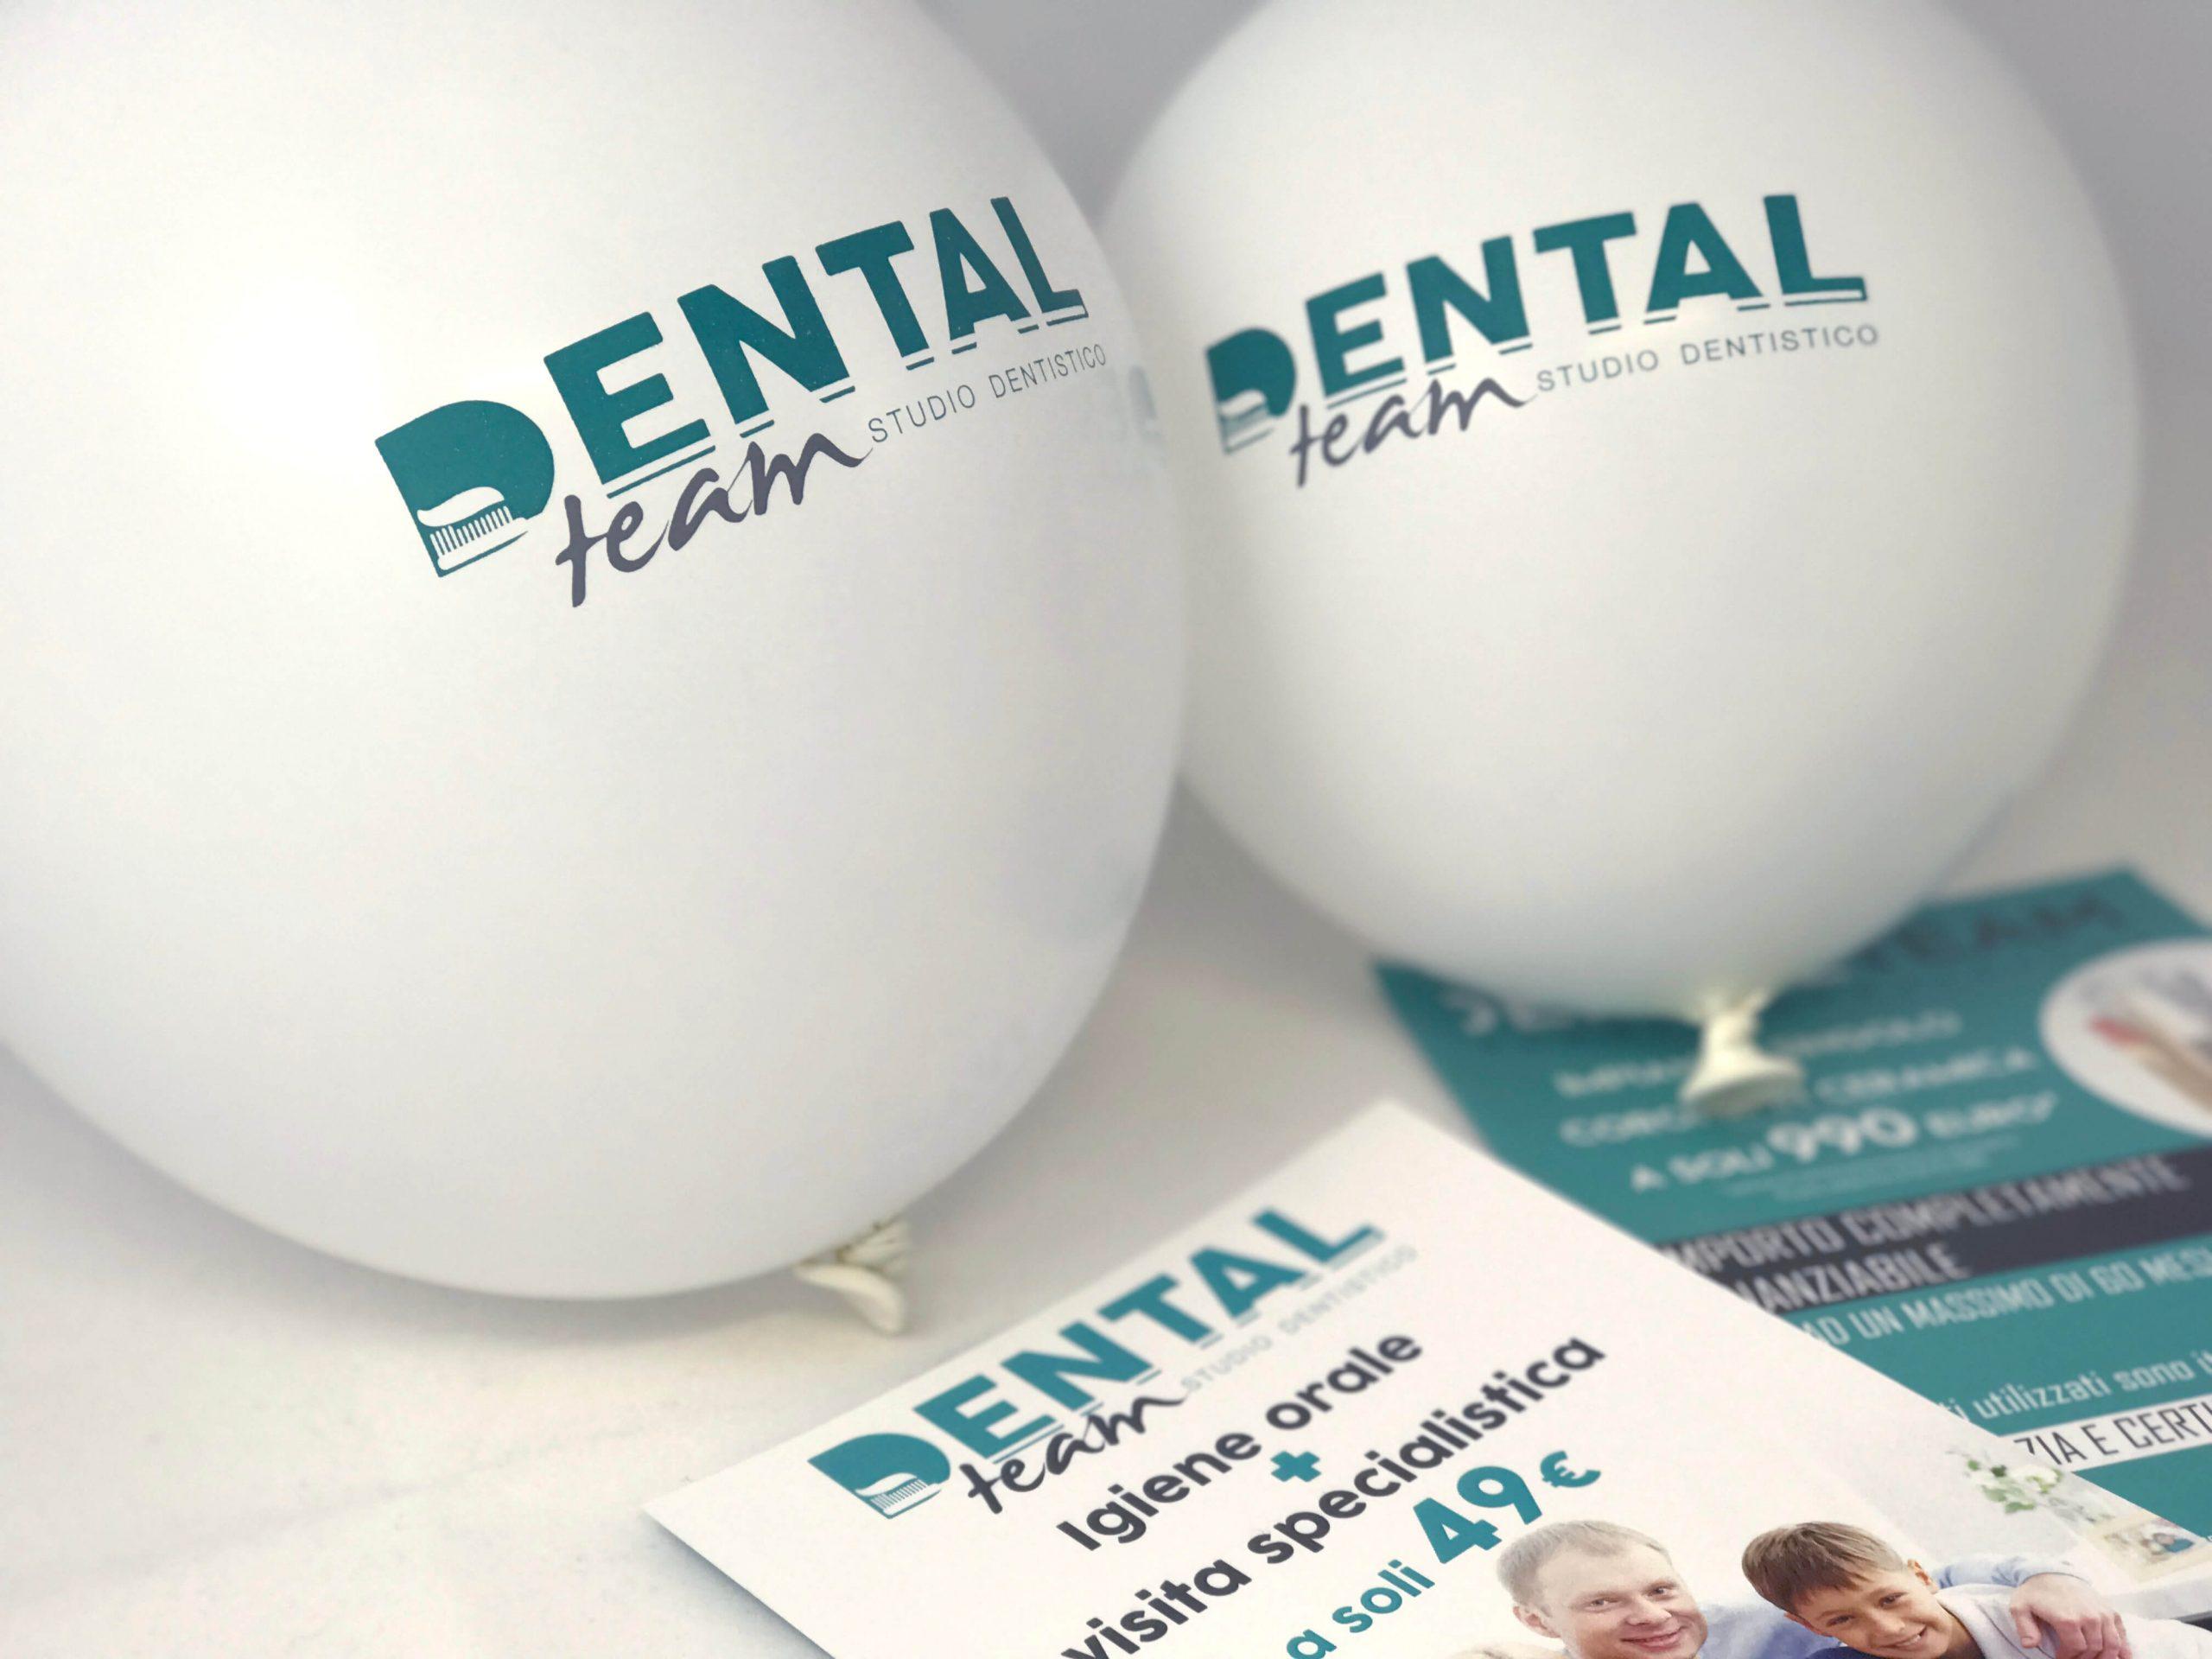 Dental Team Volantini e palloncini Particolare